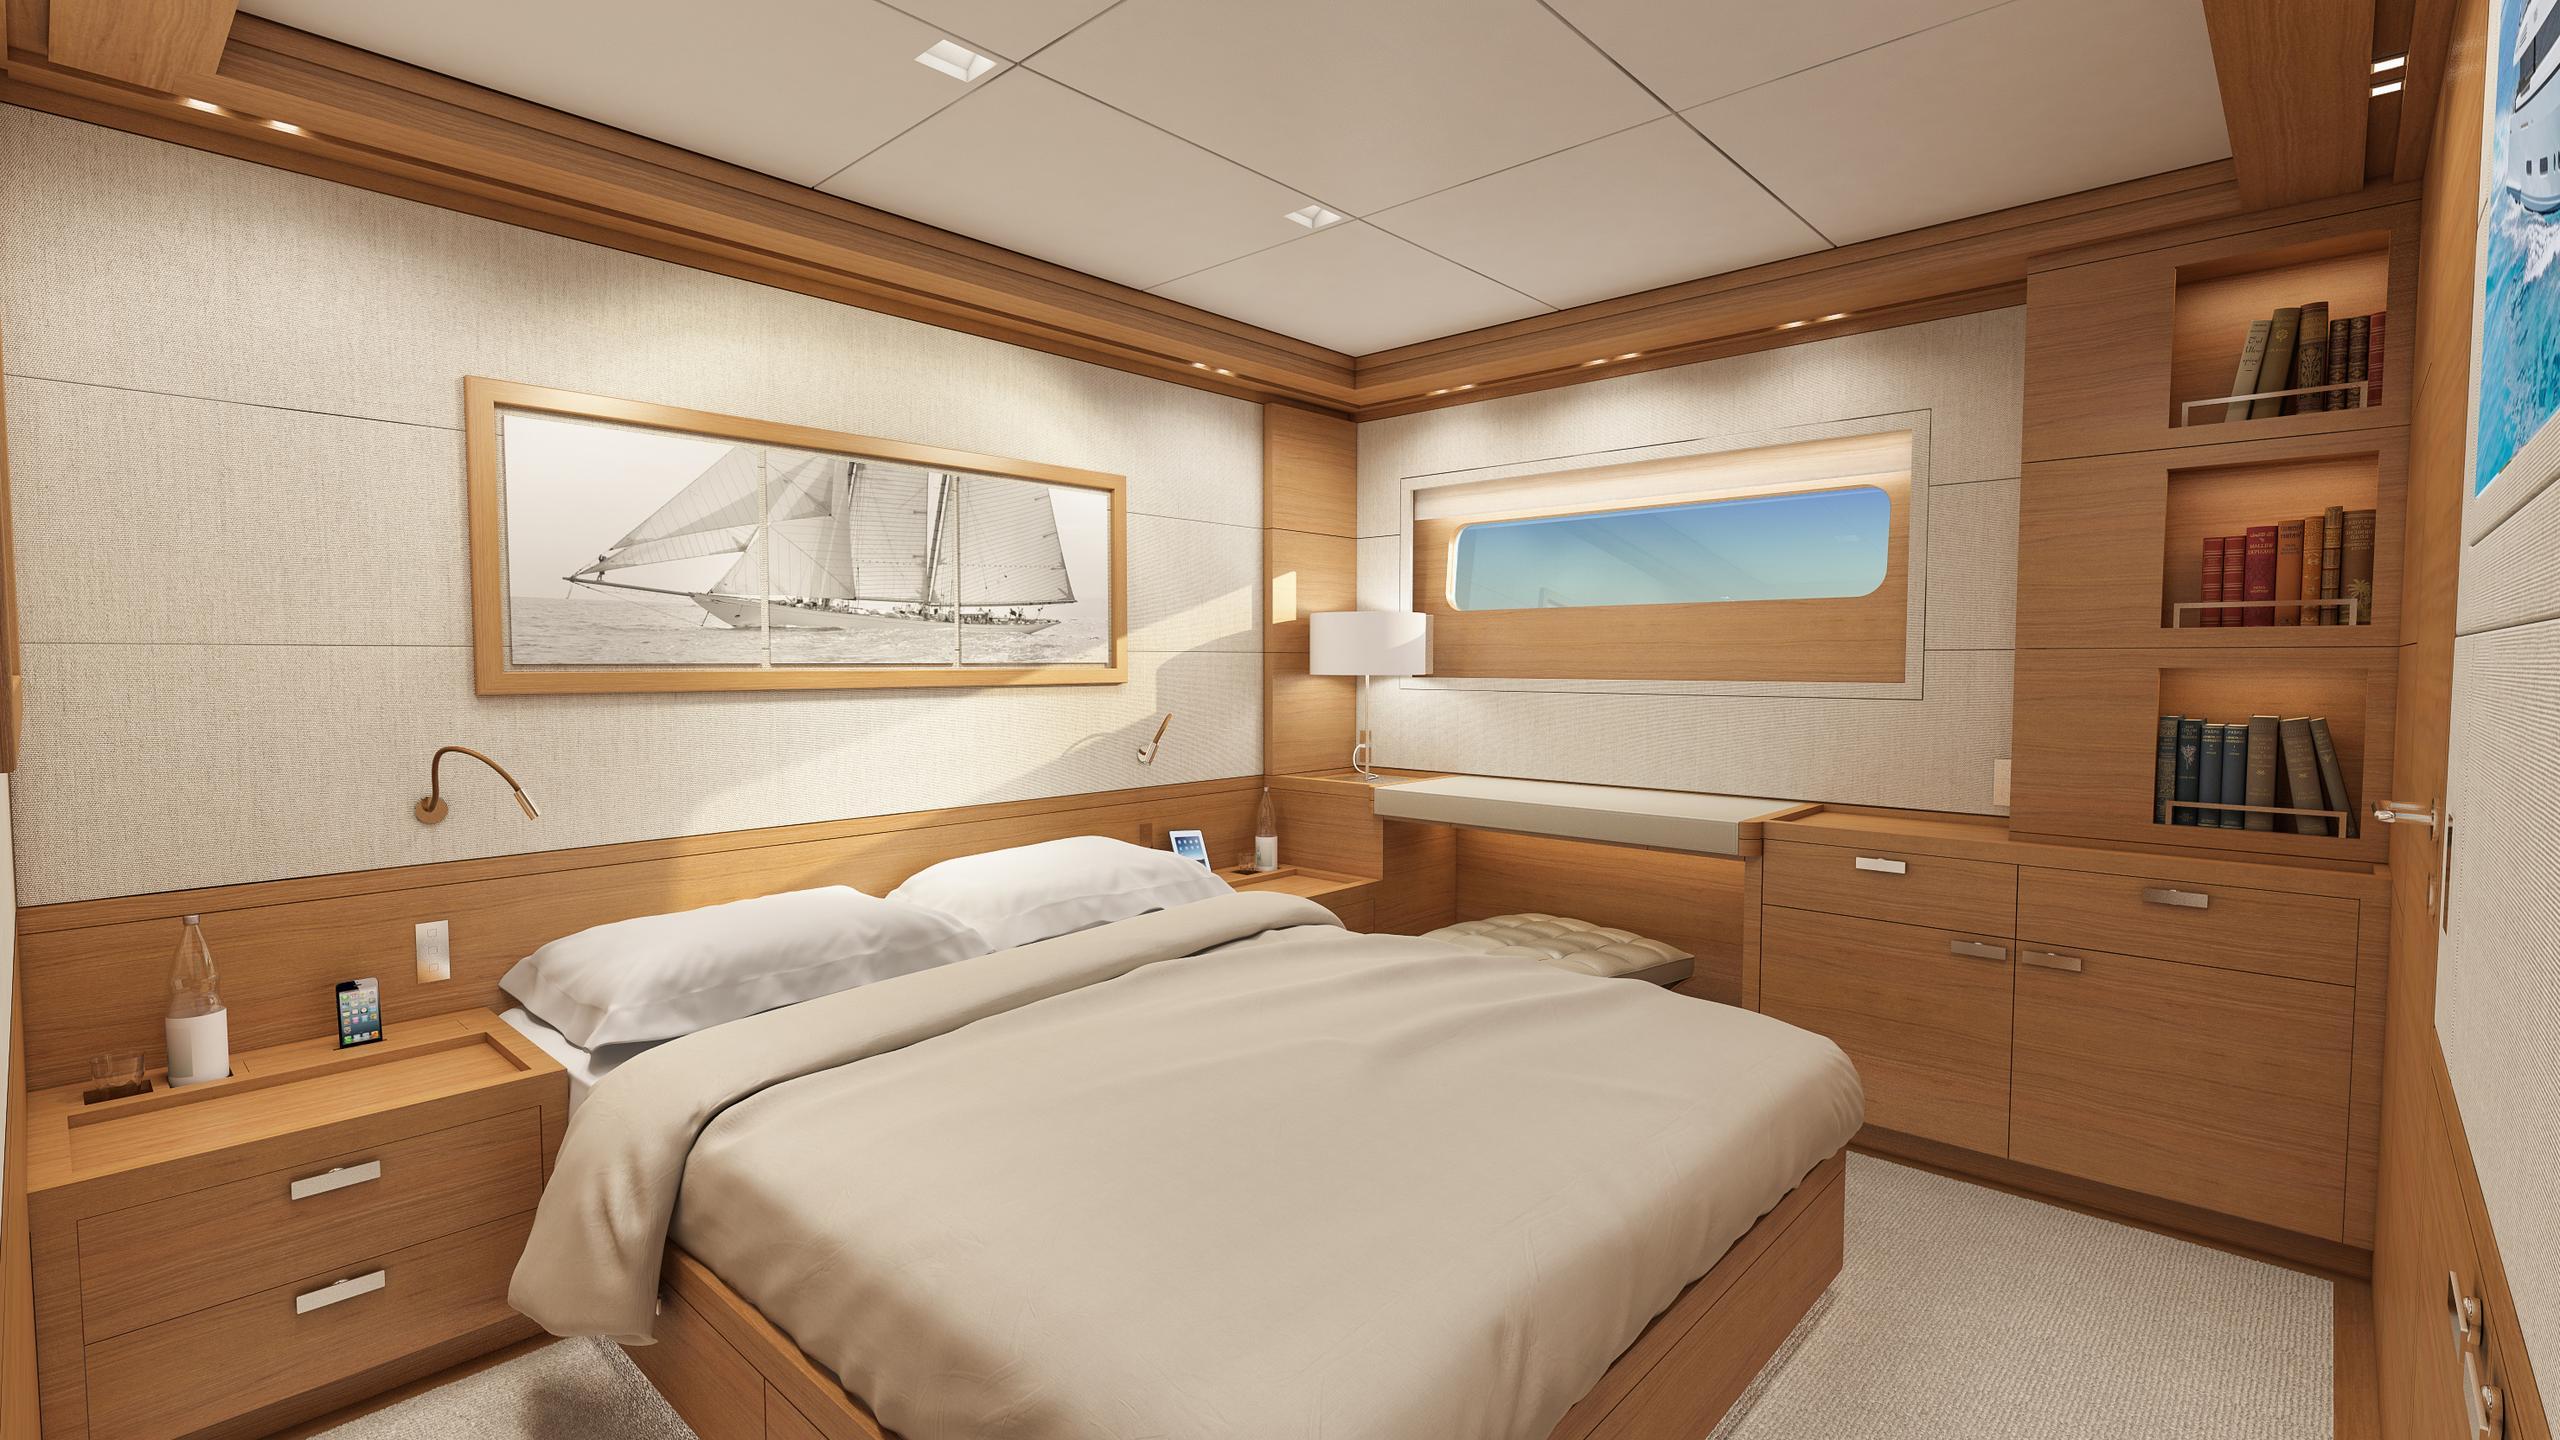 martinique motoryacht moonen 2018 36m rendering double cabin